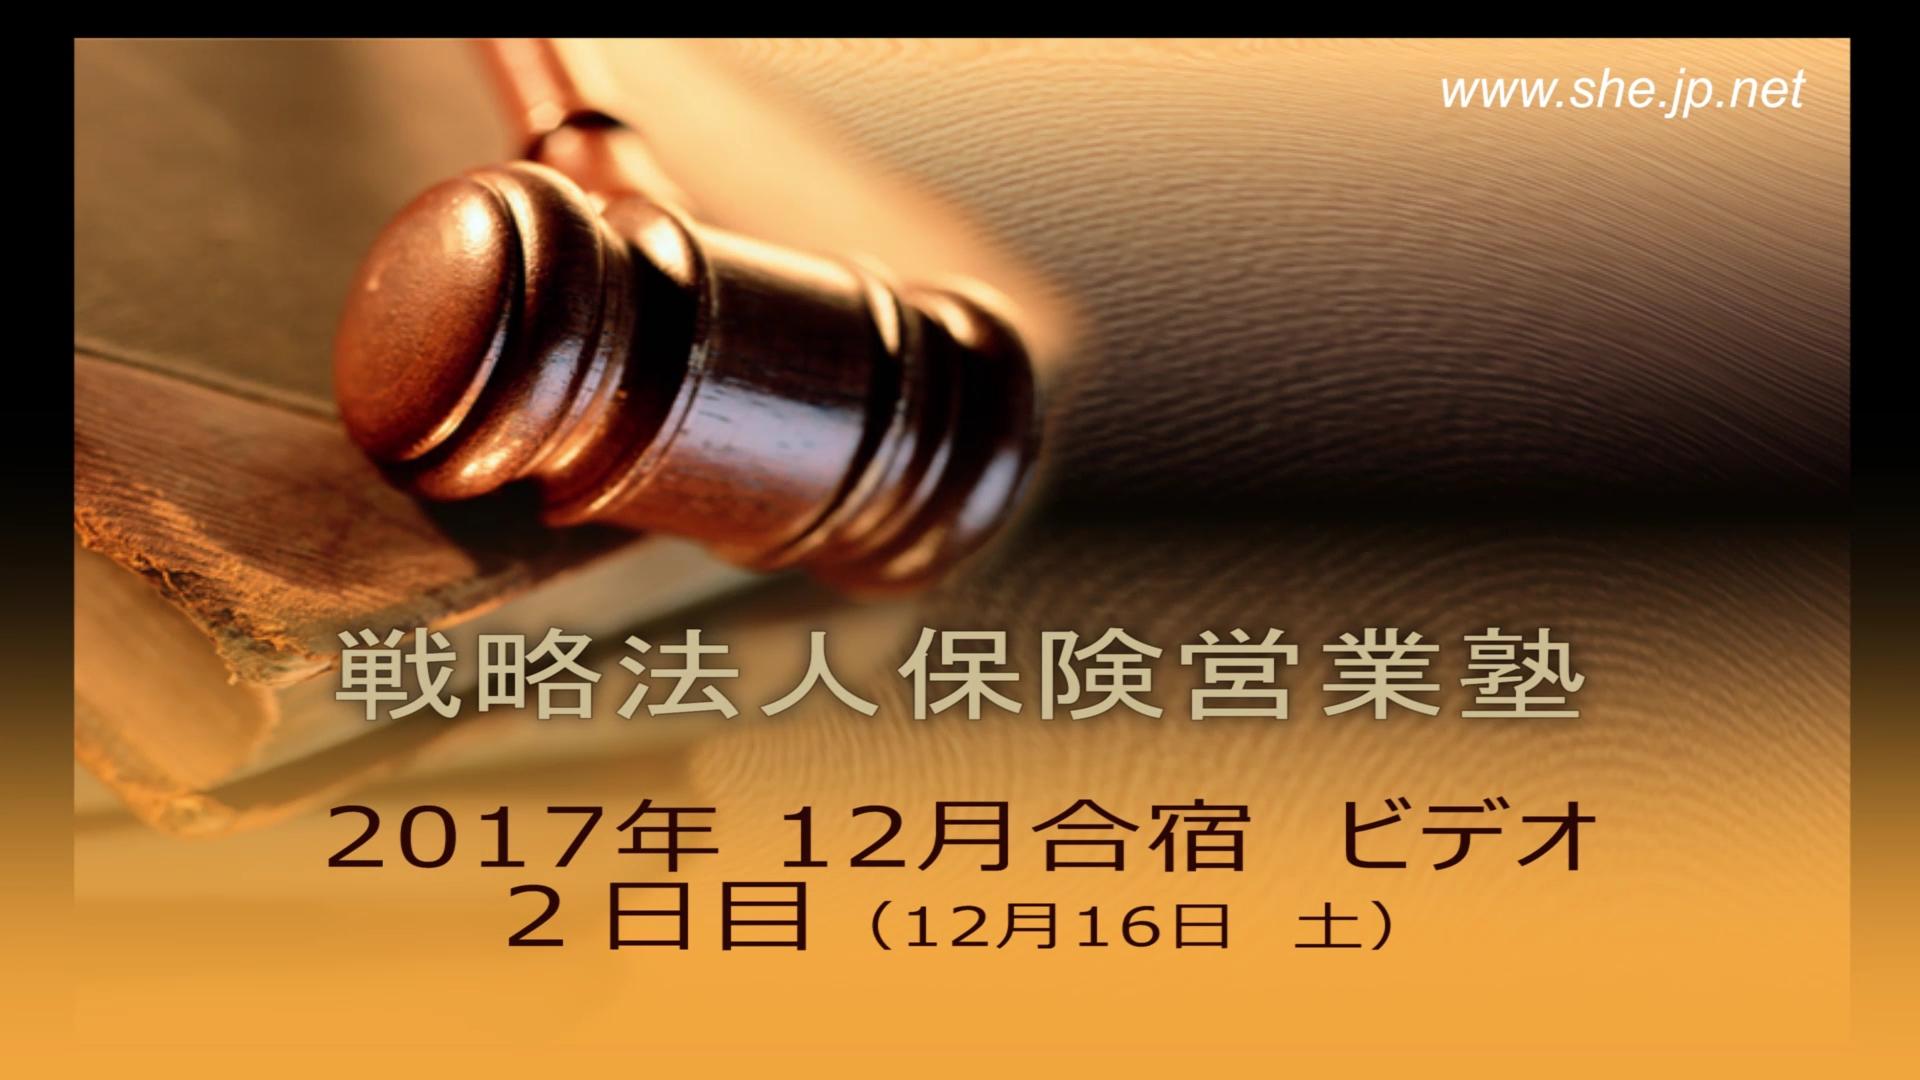 【受講者専用】 2017年12月合宿2日目LiveSHE勉強会ビデオ(メンバー限定)